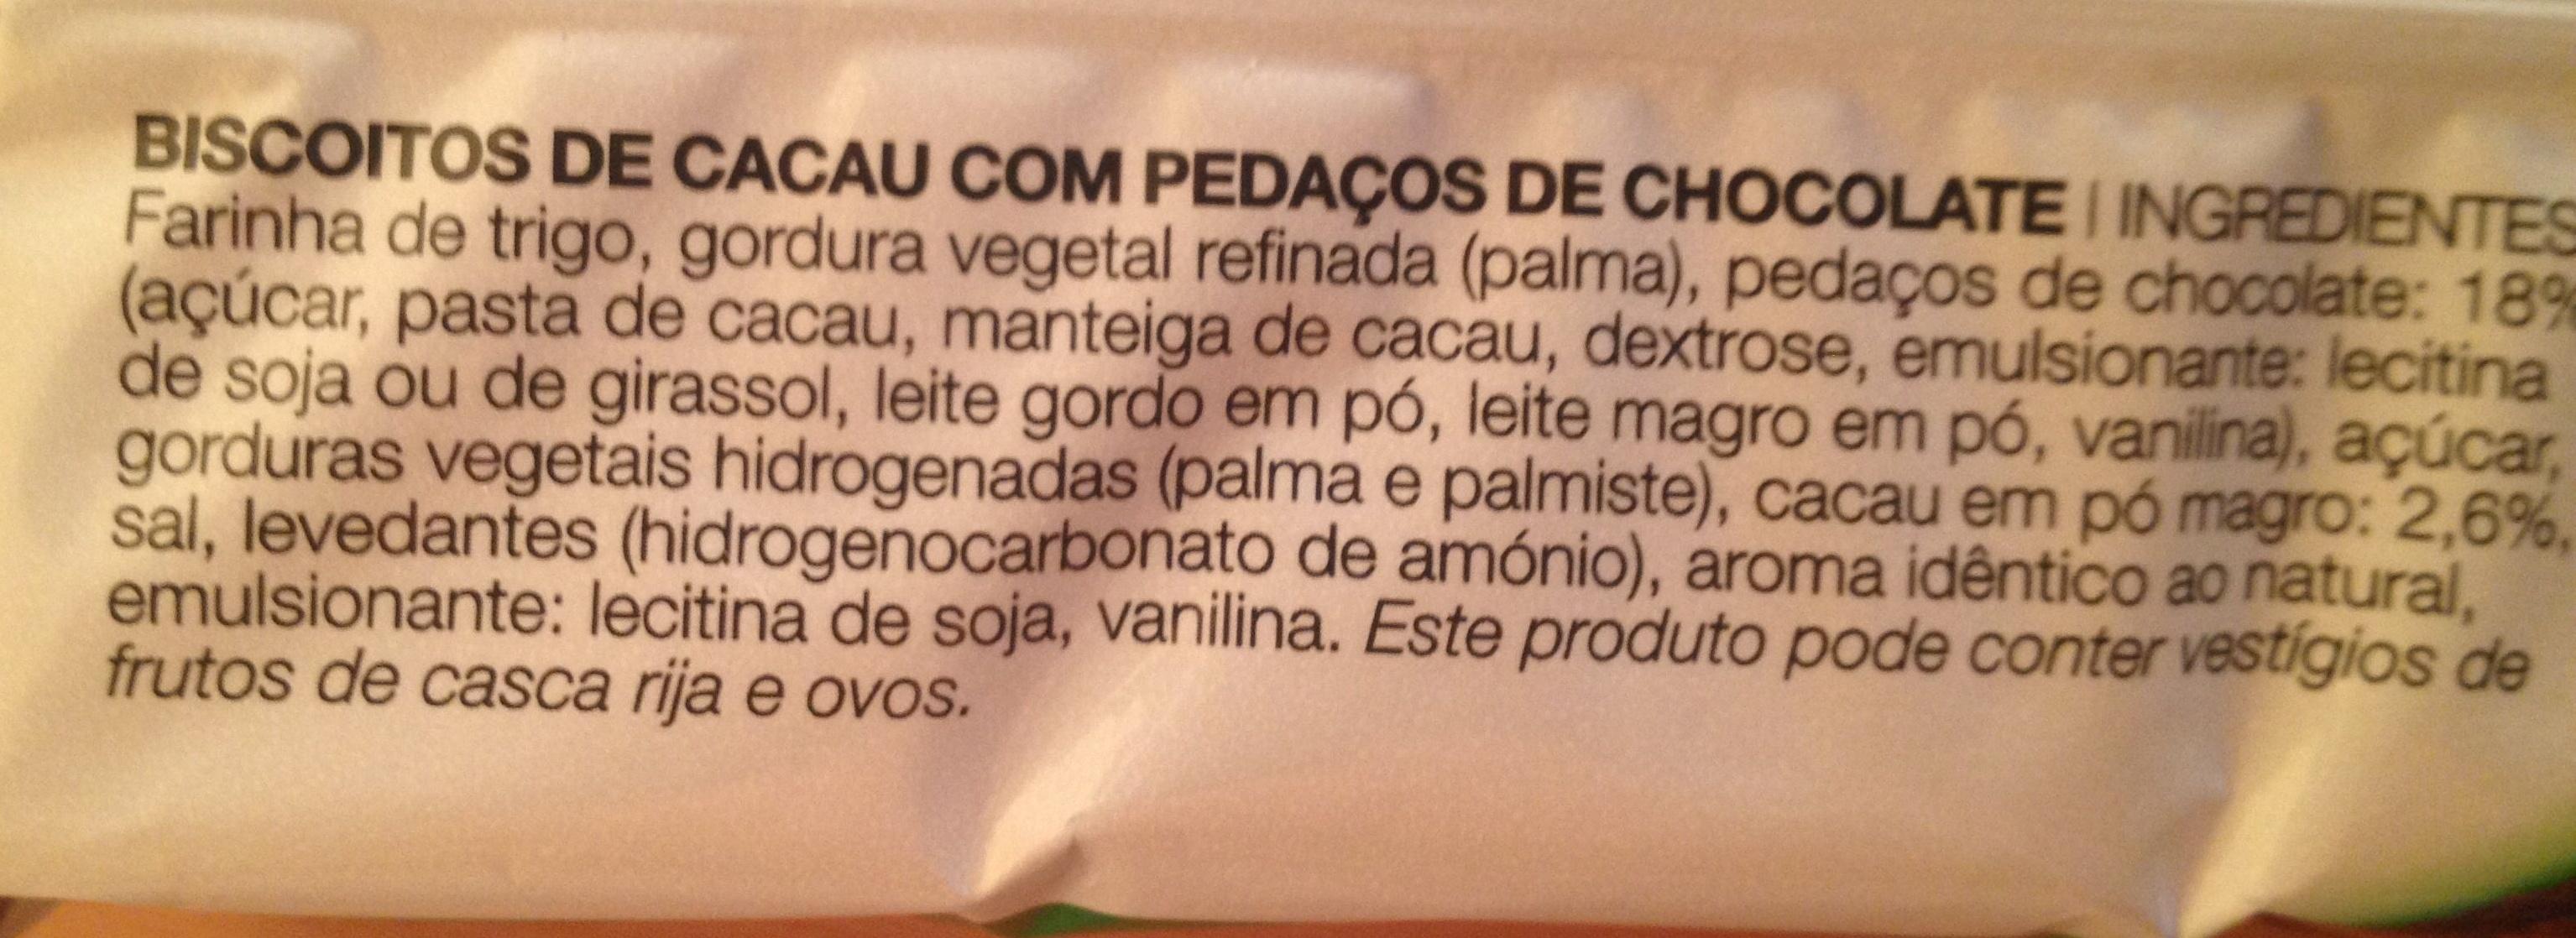 Brownies - Ingredients